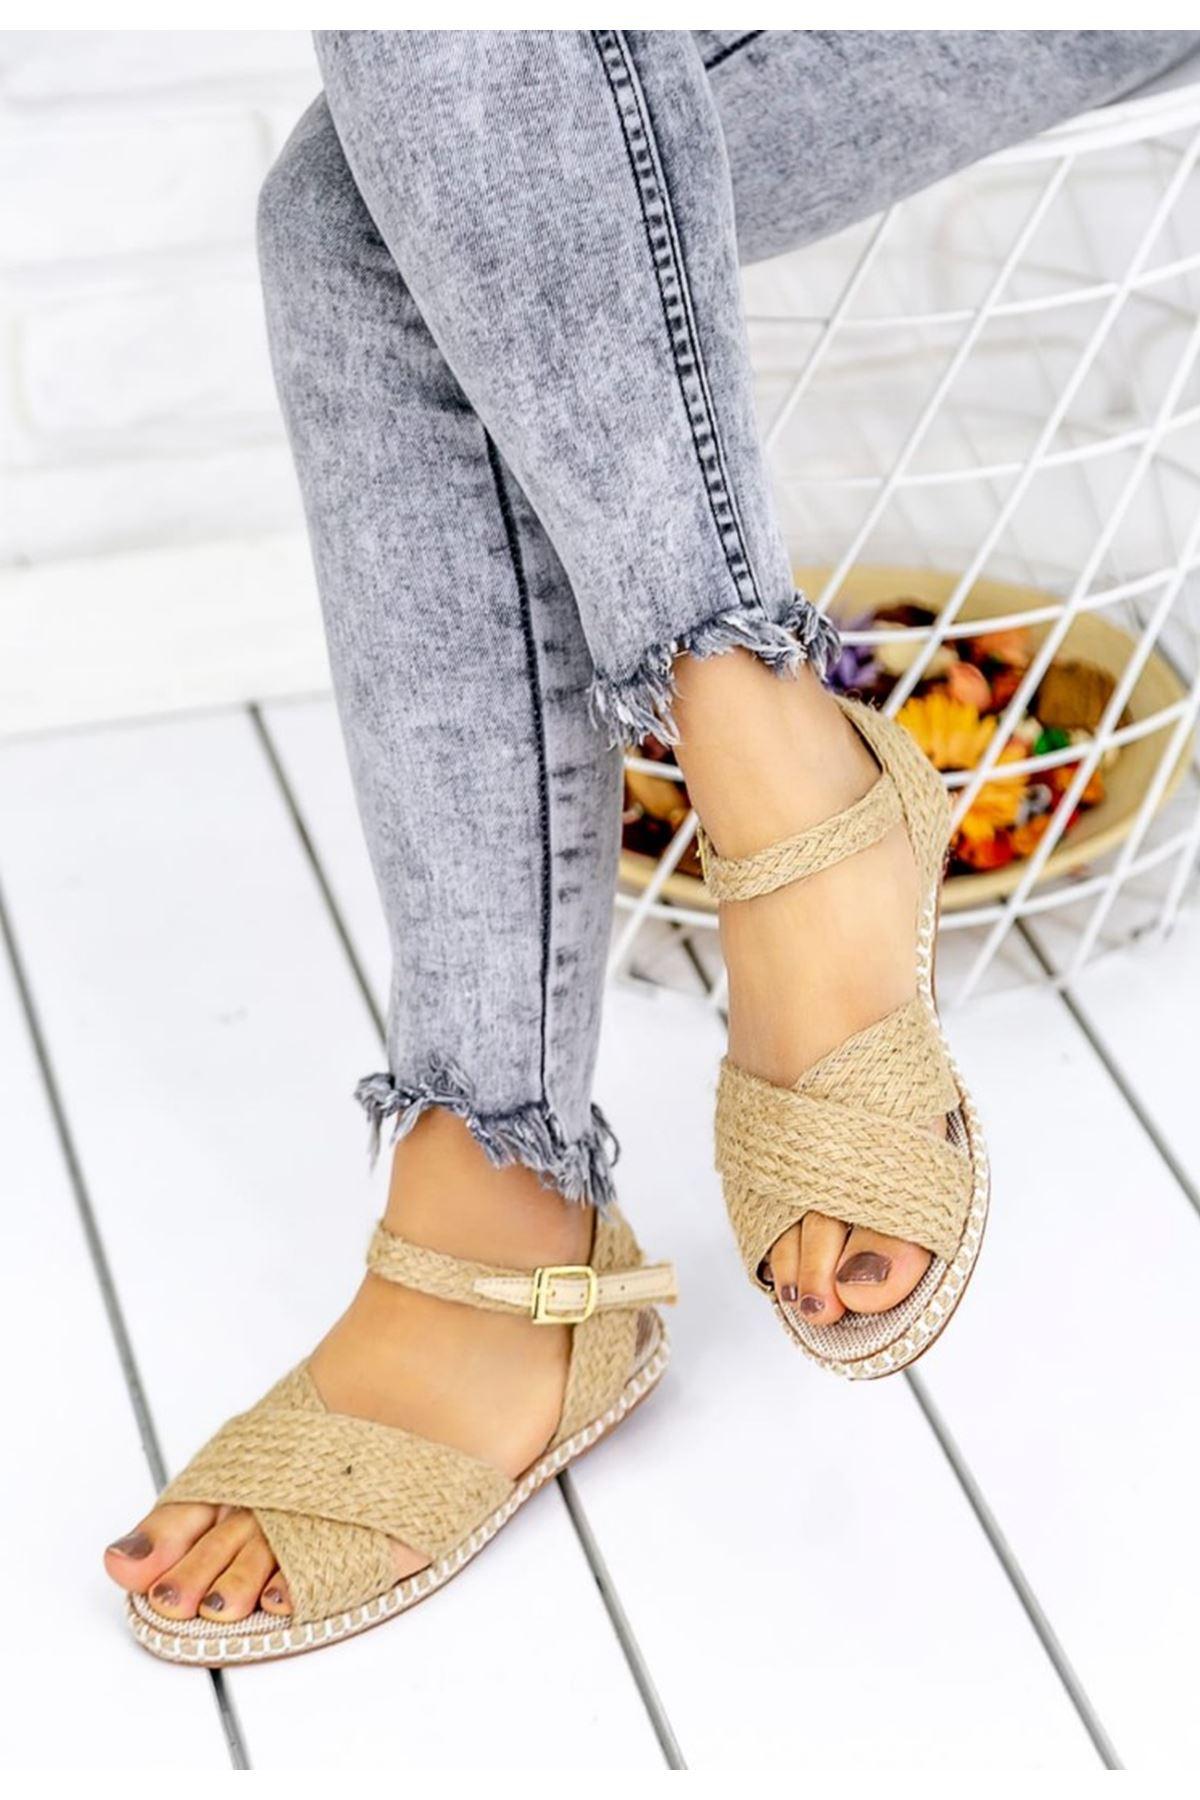 Kelly Hasır Detay Çapraz Bant Sandalet